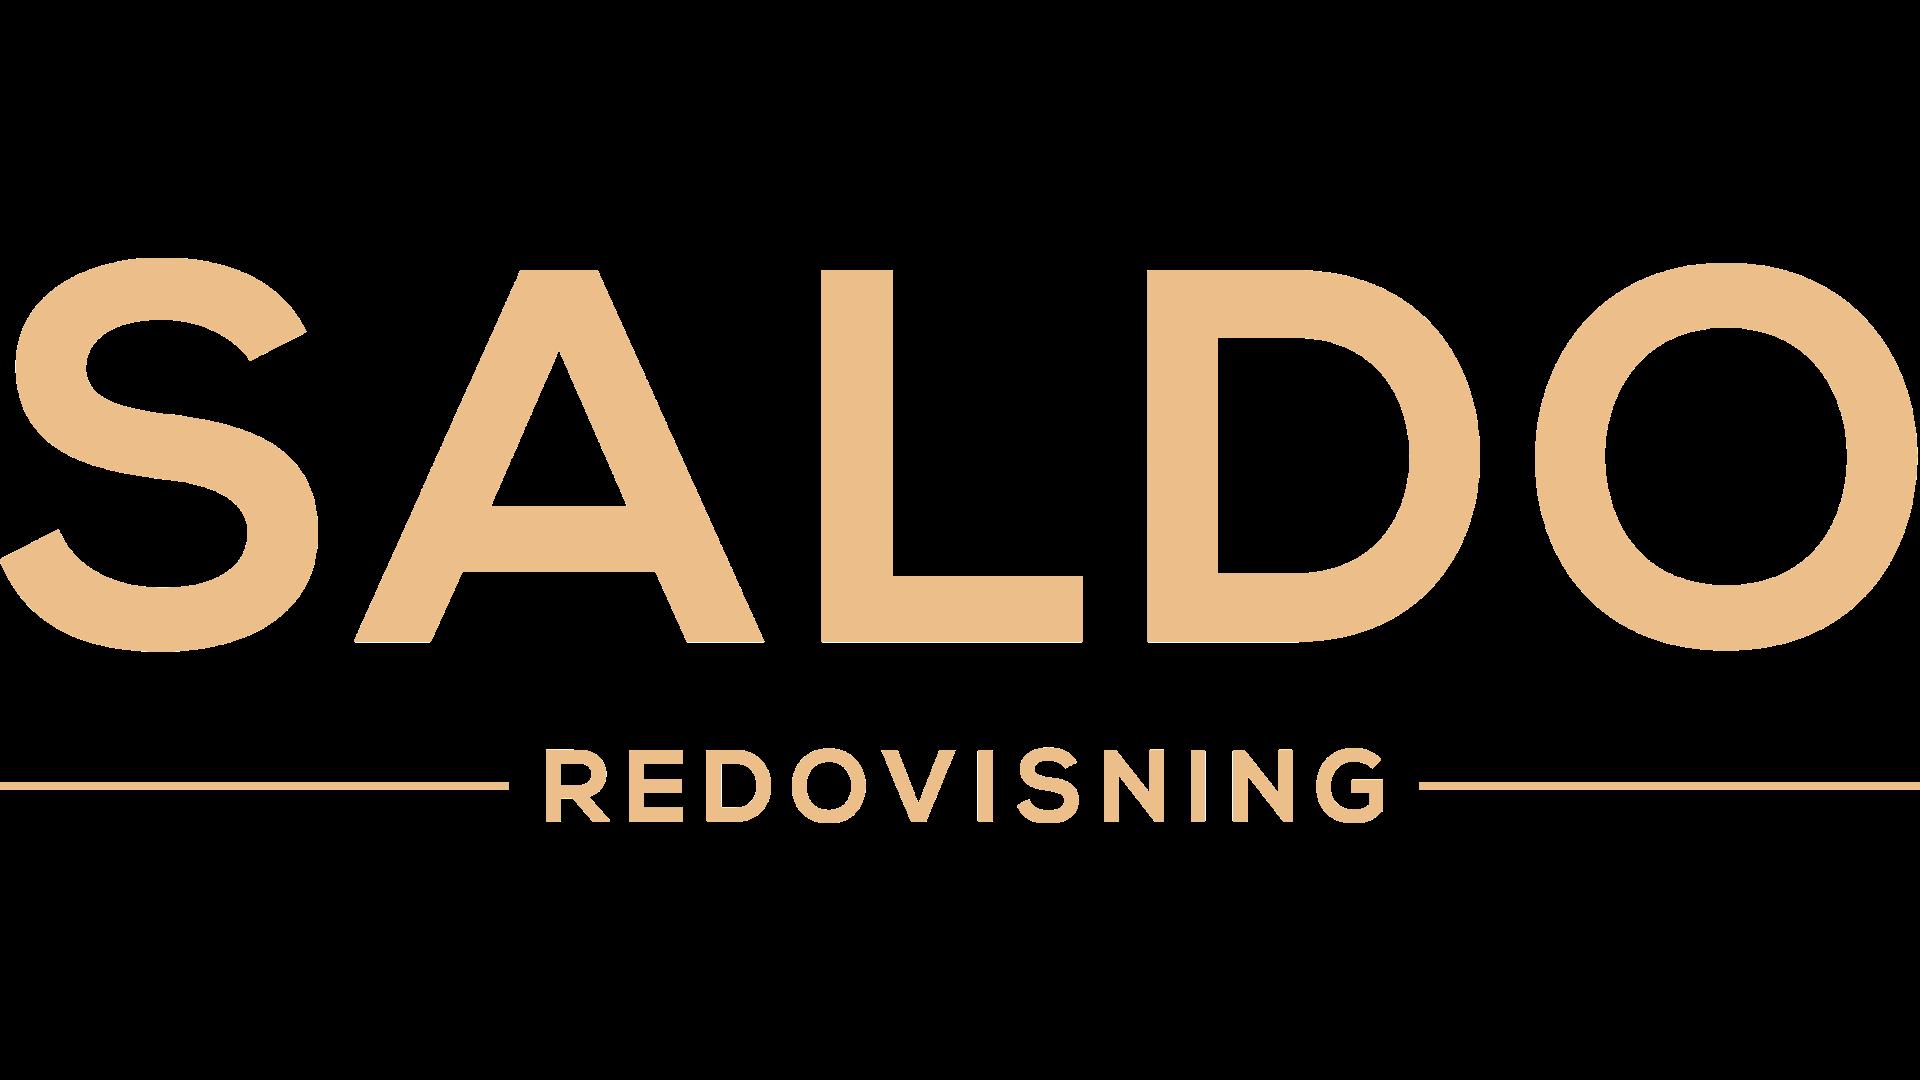 Saldo Redovisning |Logo |Redovisning i Stockholm